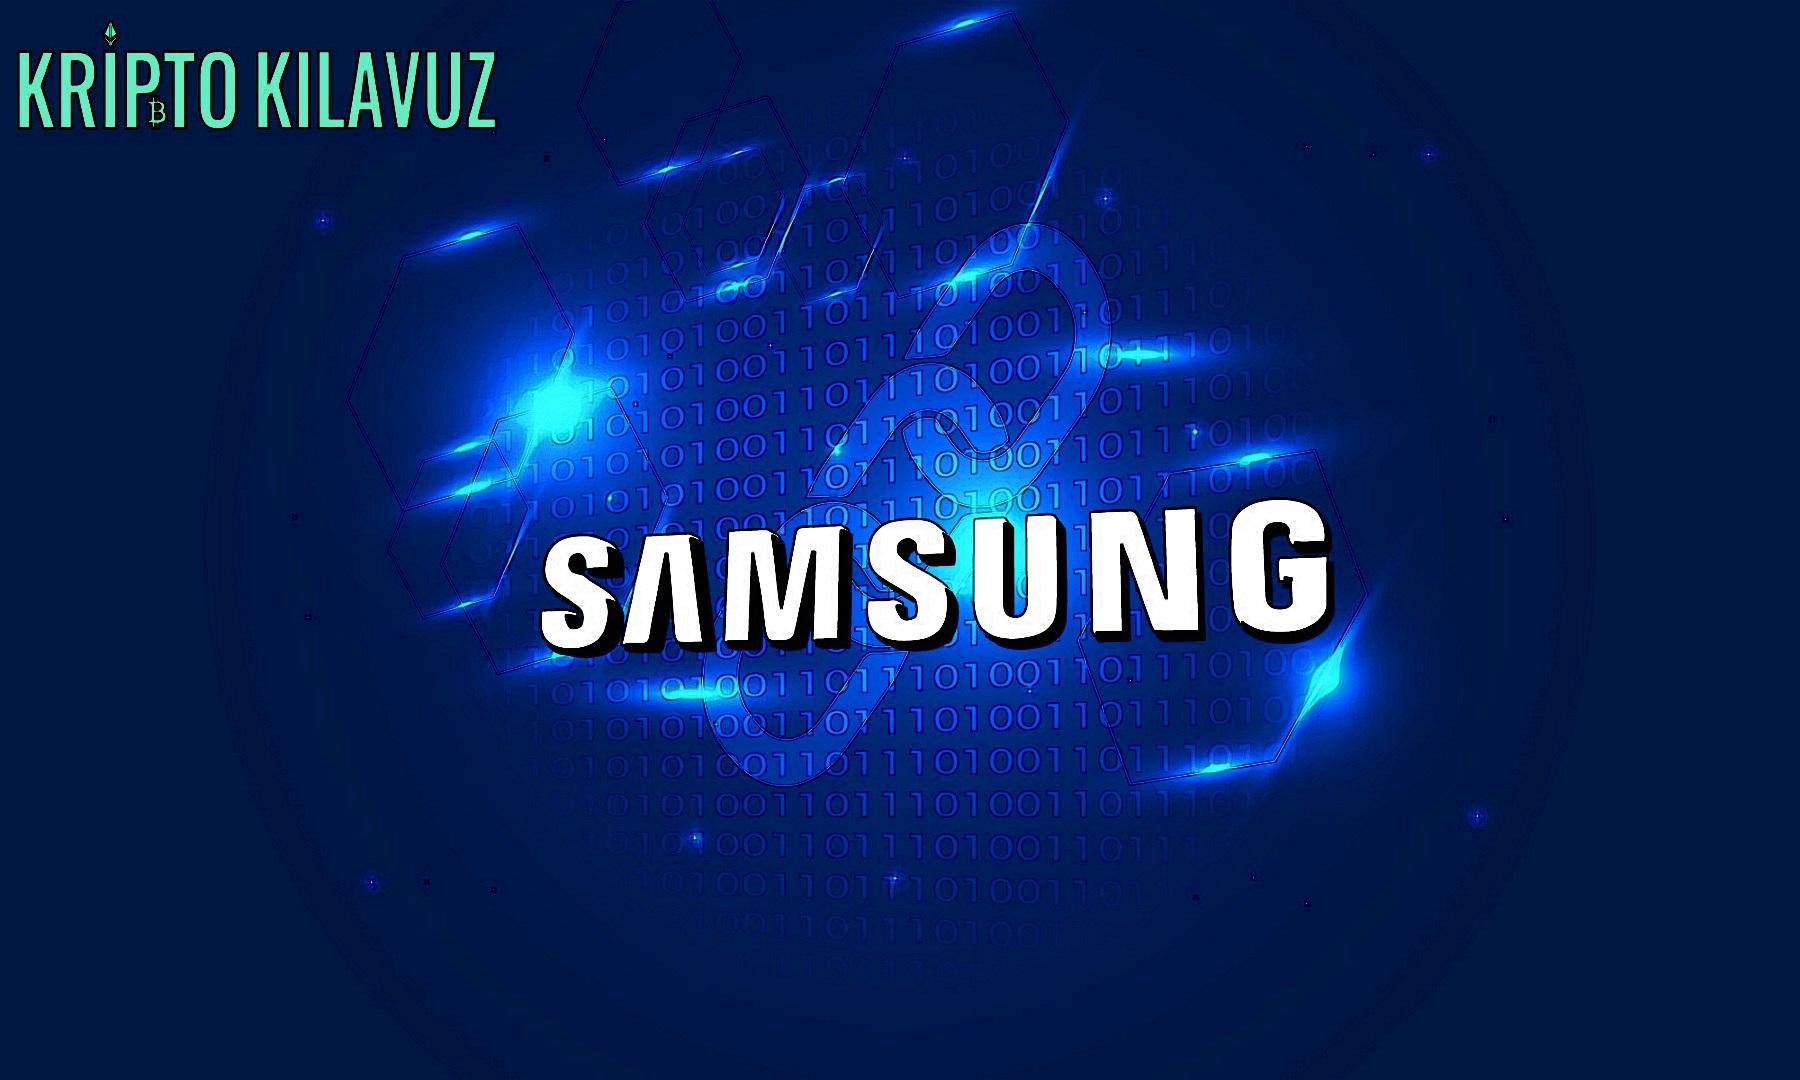 Samsung'un Kripto Para Cüzdanı Bakkt'tan Daha Önemli Olabilir Mi?